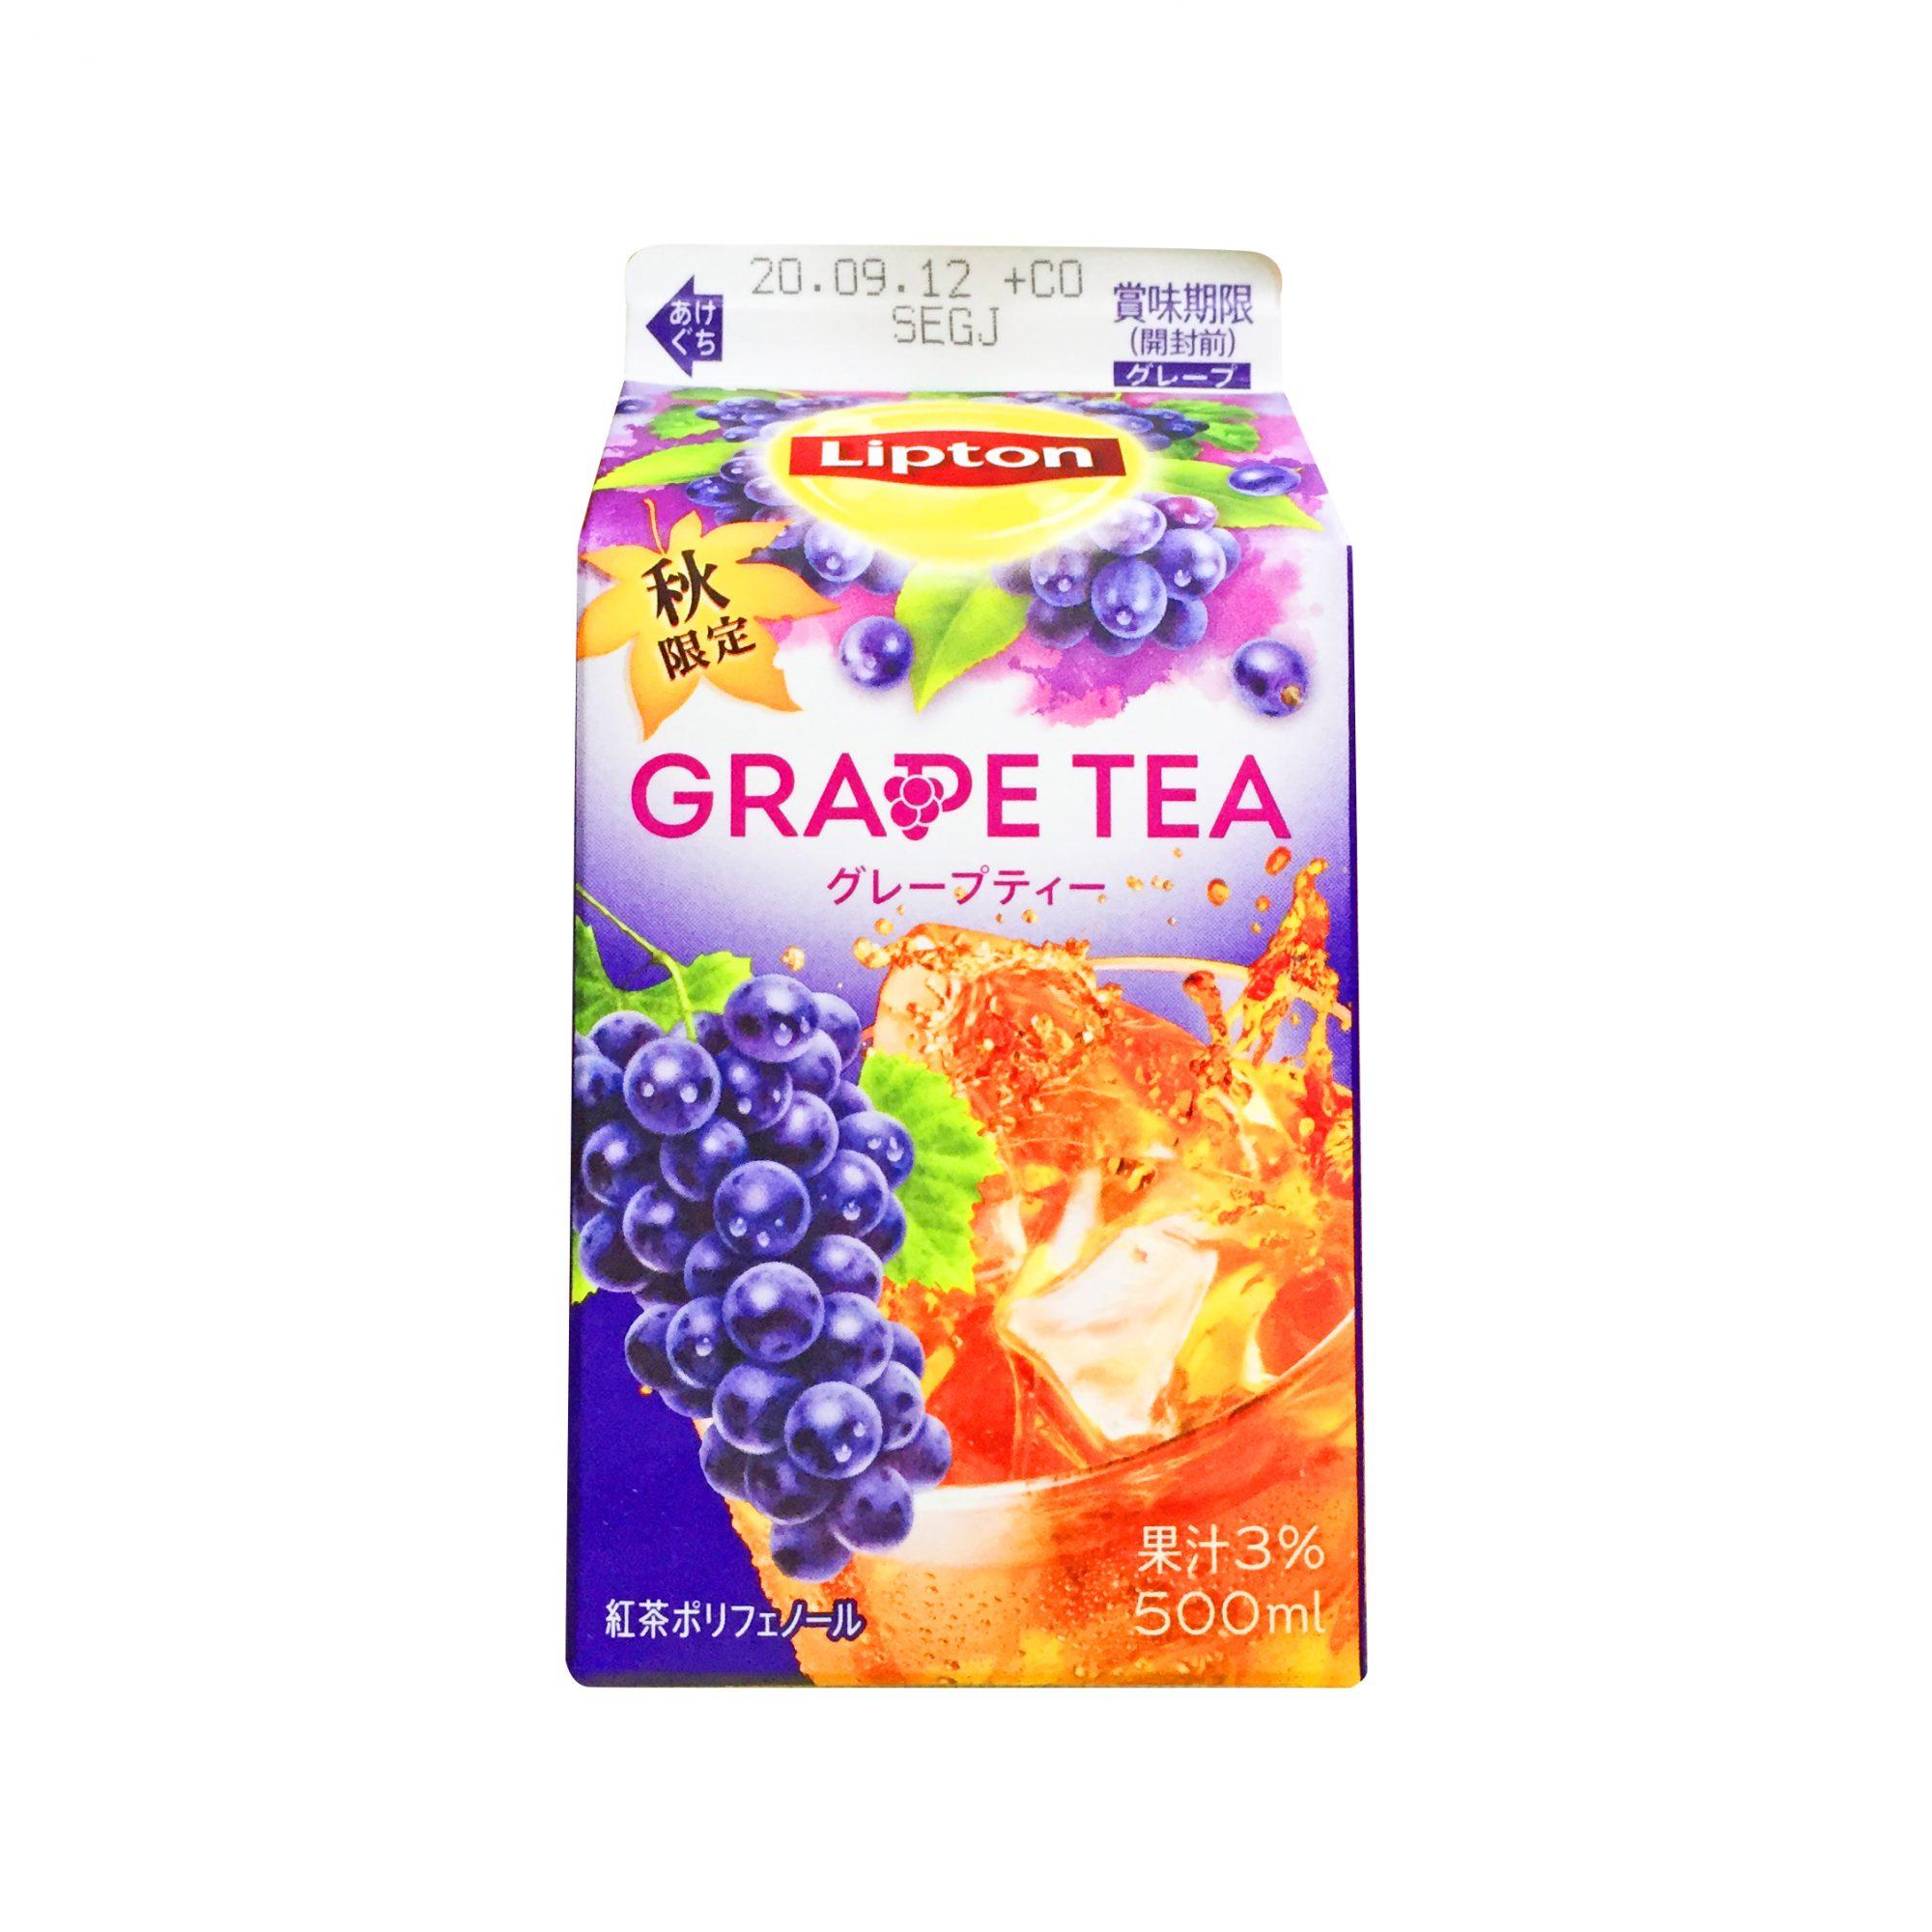 森永乳業『リプトン グレープティー 500ml』は旬のみずみずしいグレープとケニア産茶葉の紅茶が香る秋限定のフルーツフレーバーティー!